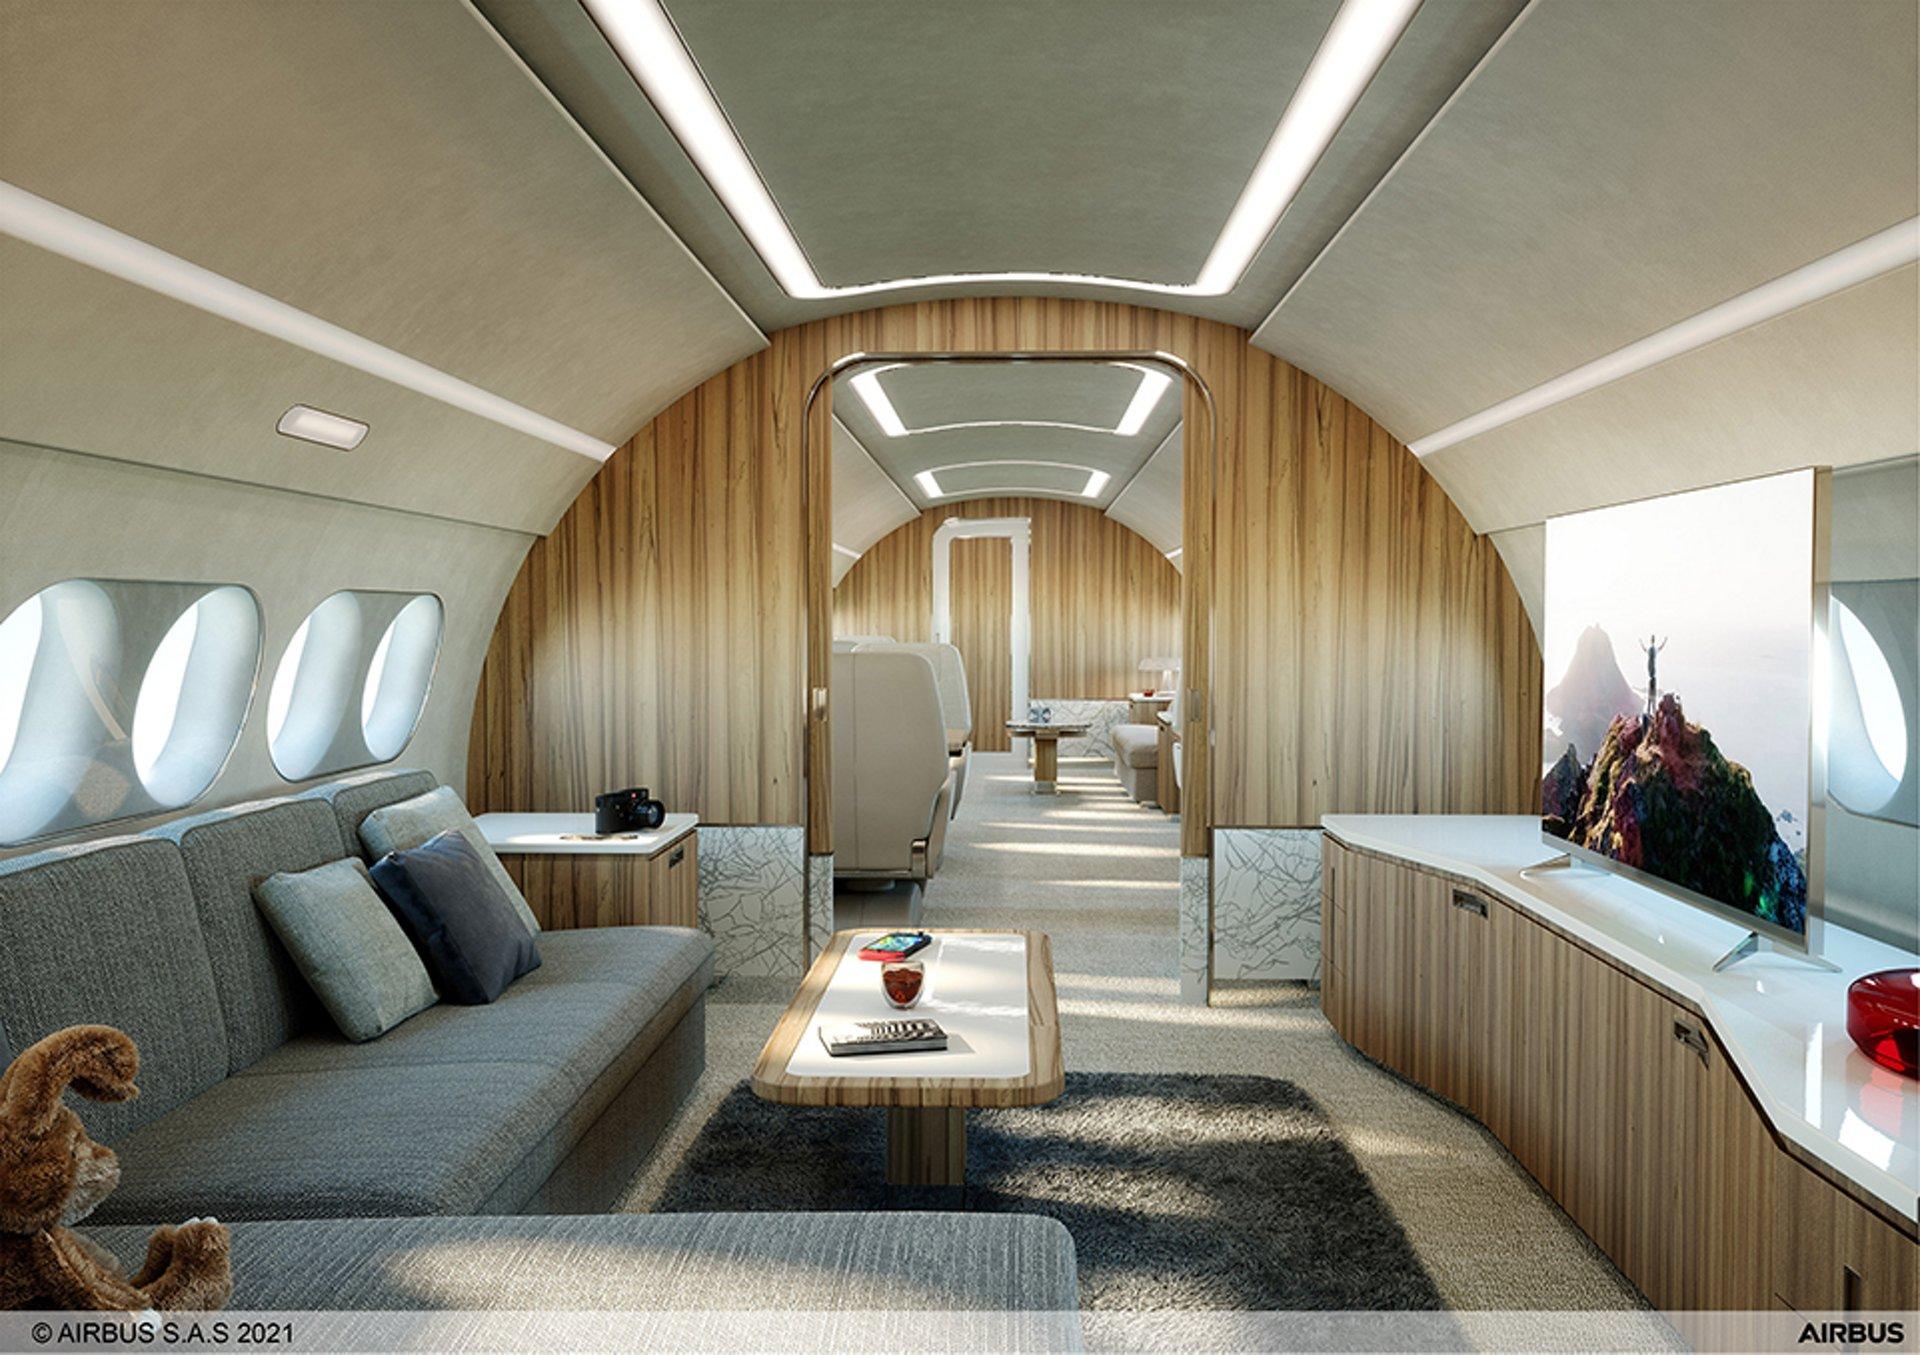 此设计为您营造时尚且宁静的家的体验,尽显设计的经典风格,同时也突出空间的宽敞舒适,让 您无论飞往何地都可以享受完全放松的家一般的感觉。